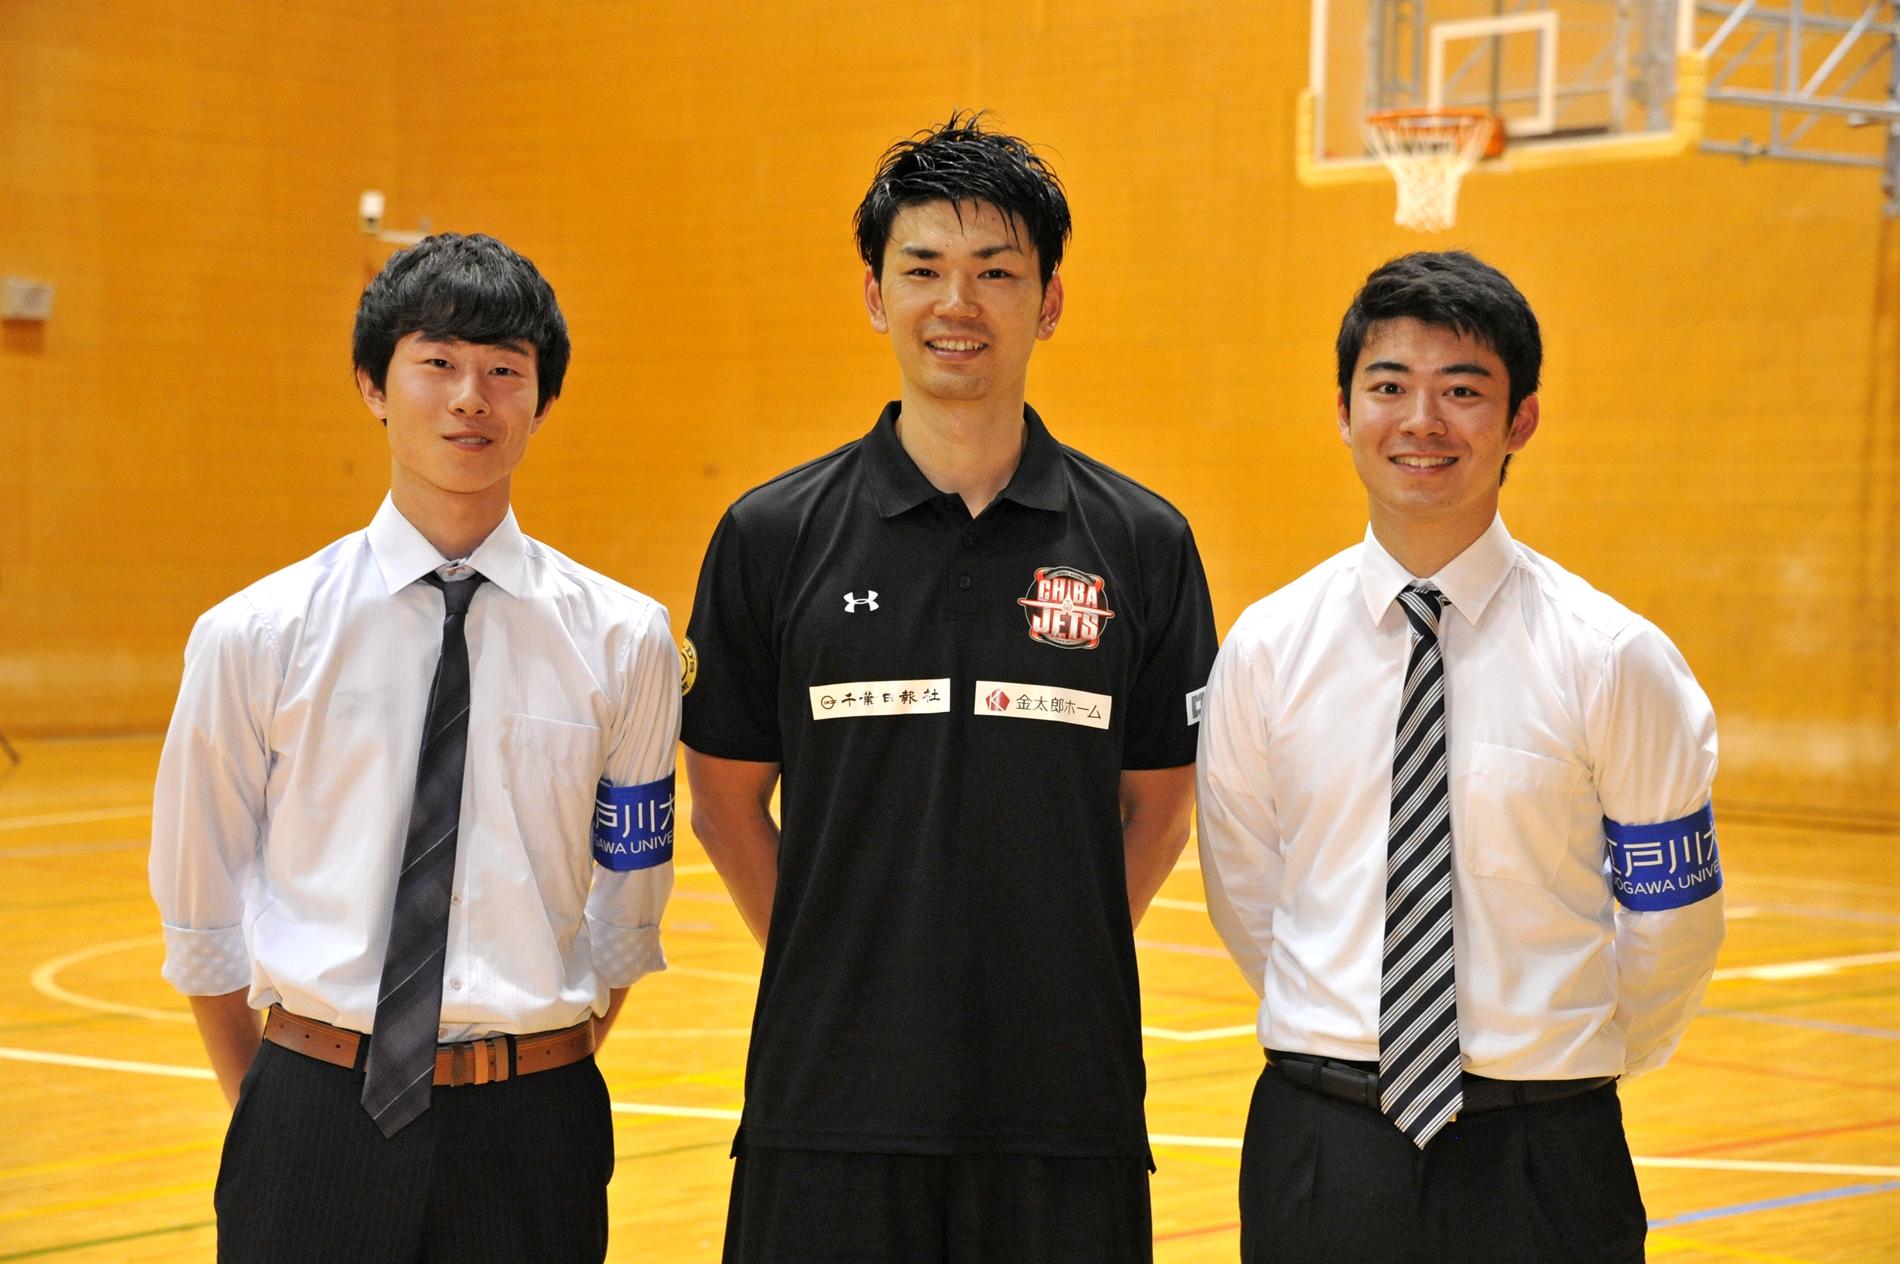 江戸川大学の学生が企画・取材・文を担当する連載企画が掲載された『yell sports 千葉 第14号』(8-9月号)が発売